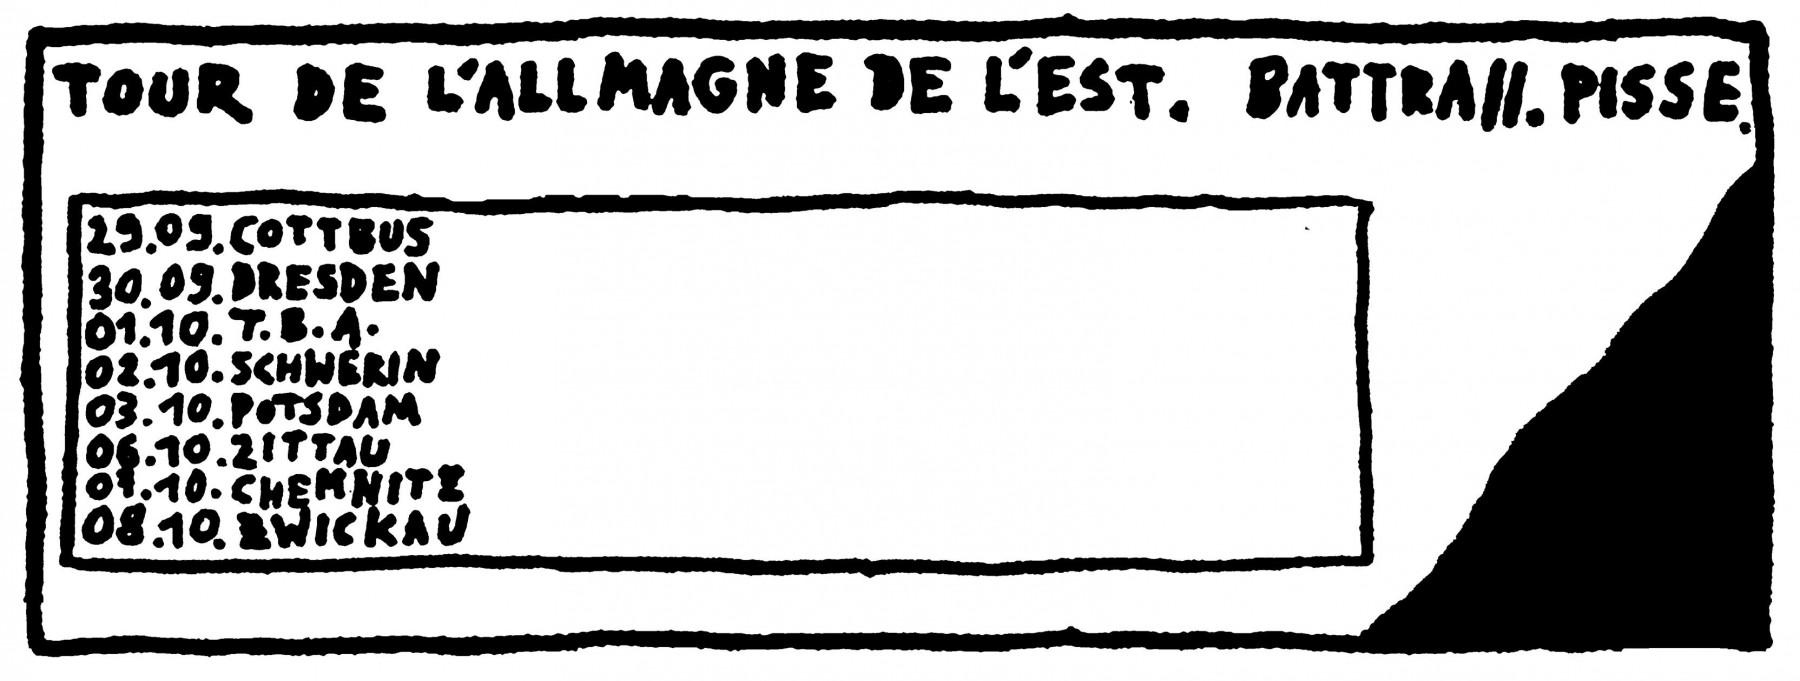 Battra. Pisse. - TOUR DE L'ALLMANGE DE L'EST